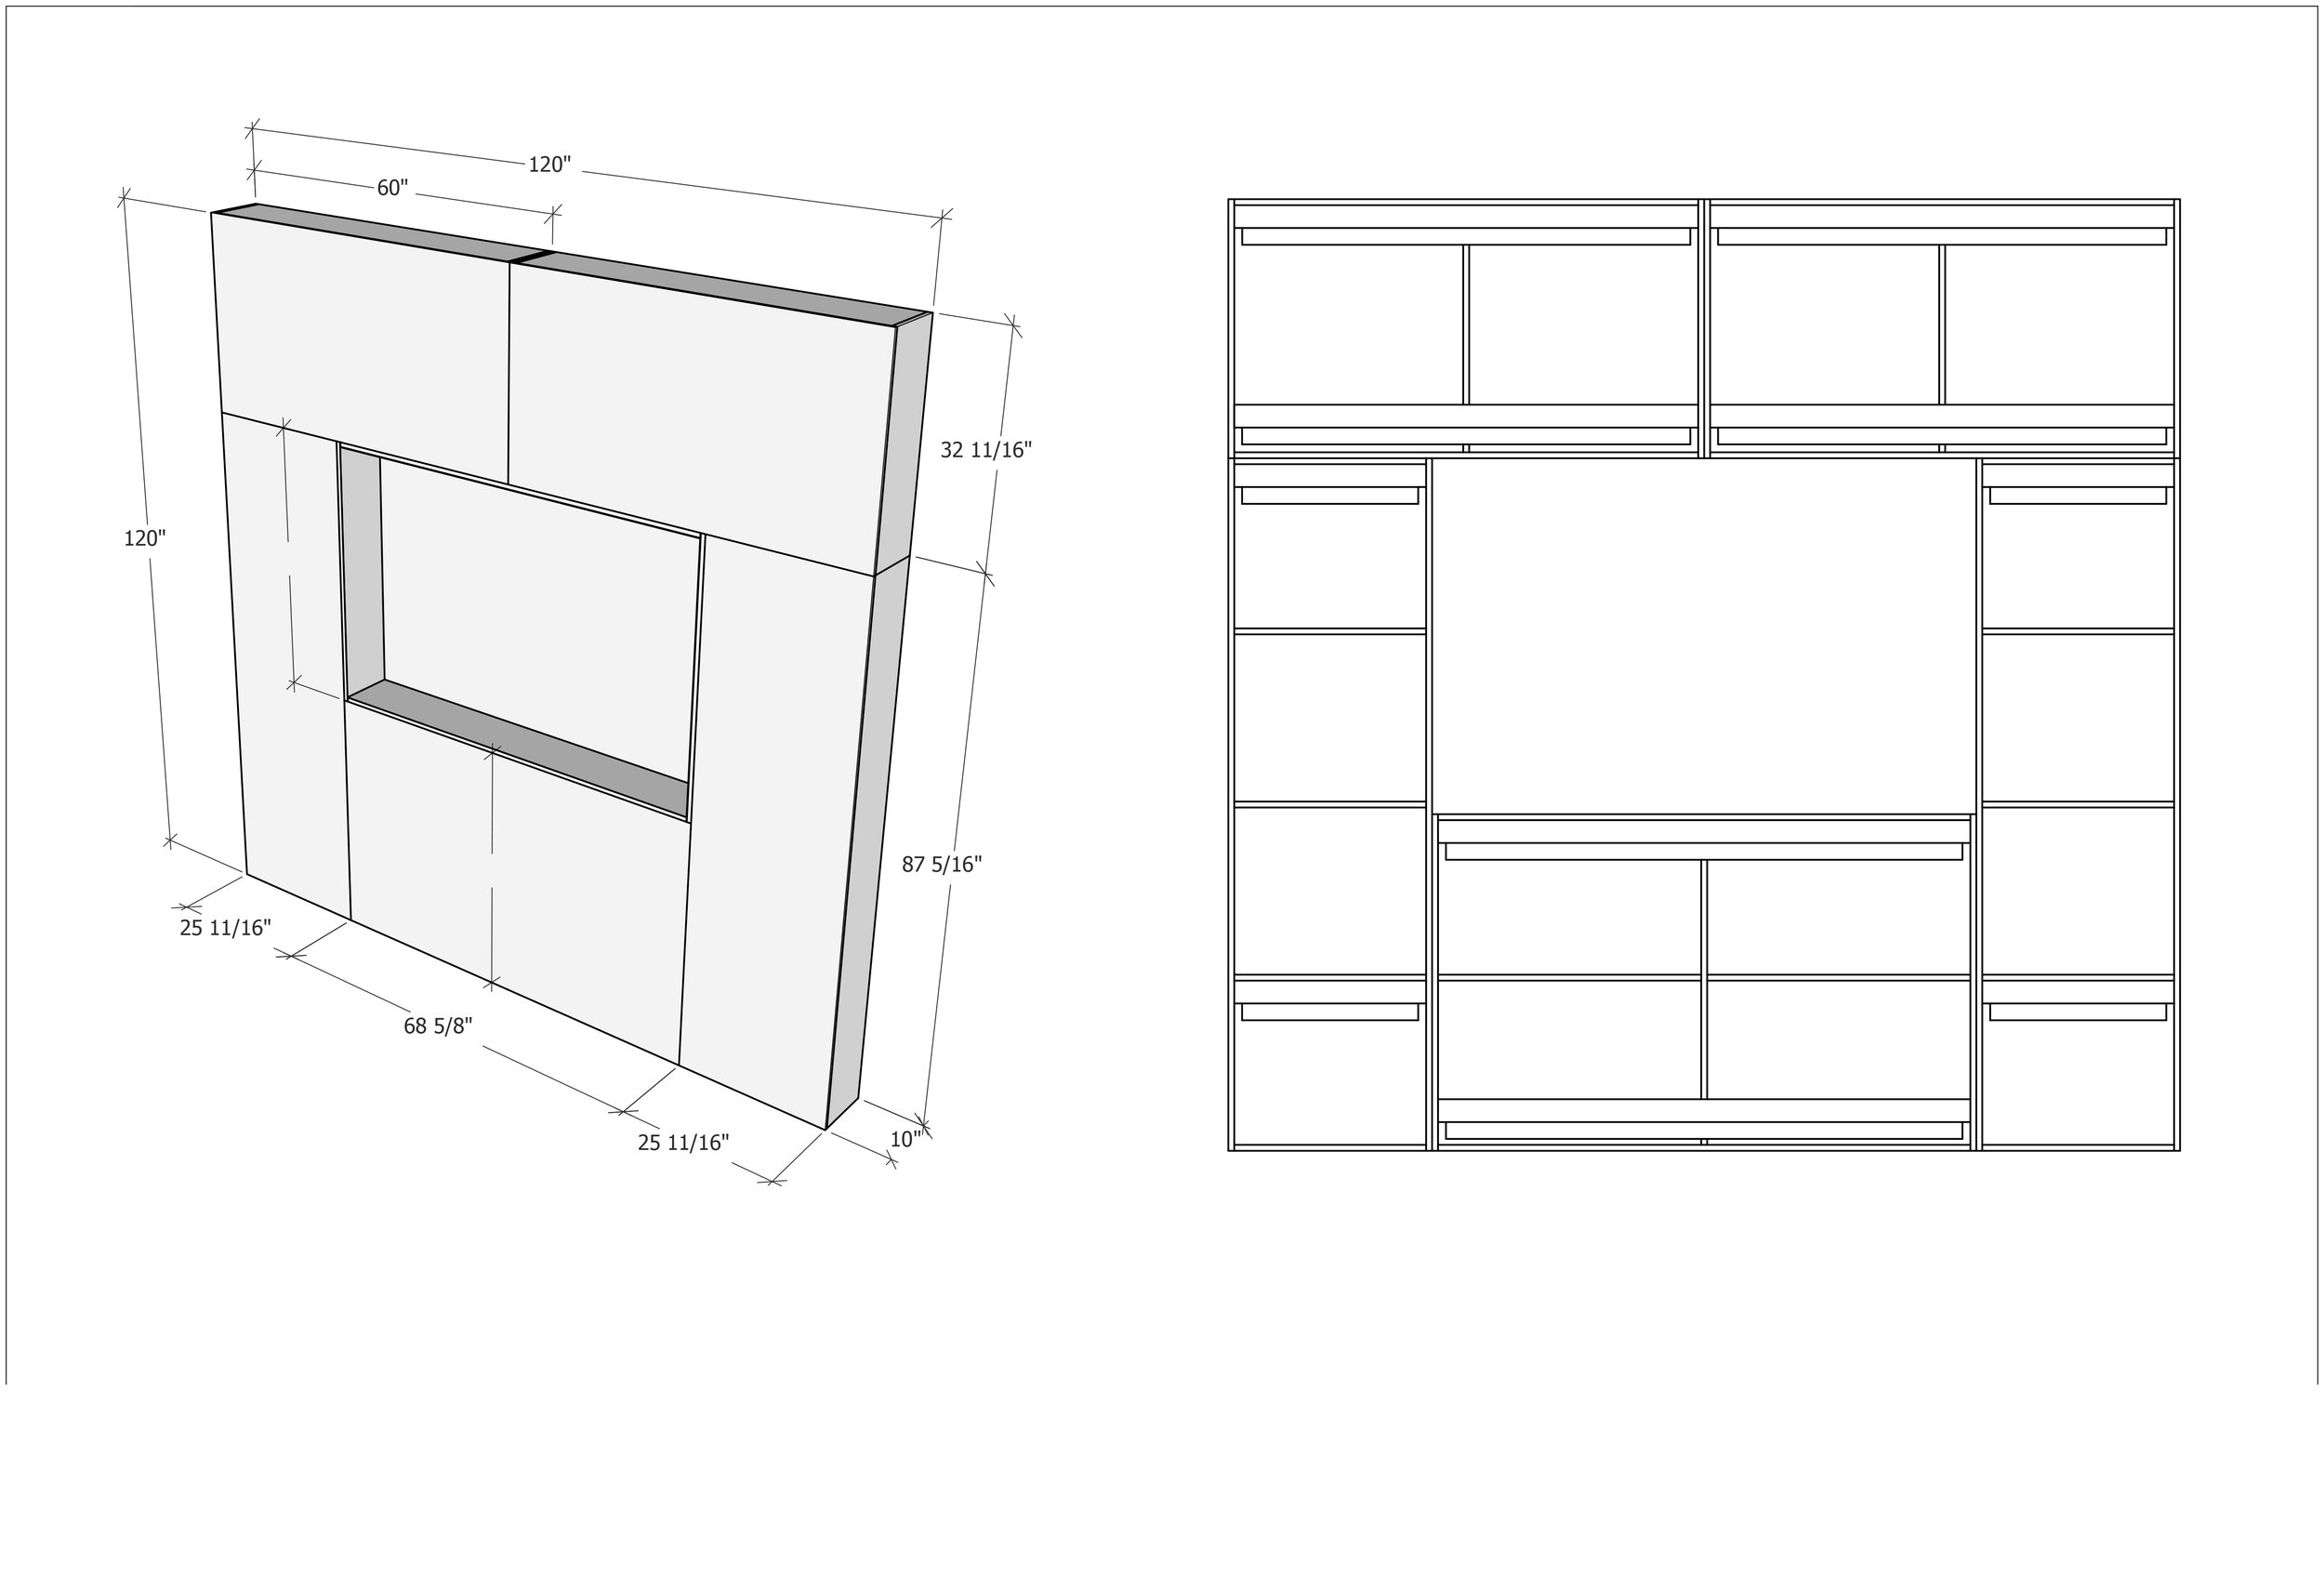 Bluegrass_Shop_-Drawings_Binder_01-10-18-39.jpg